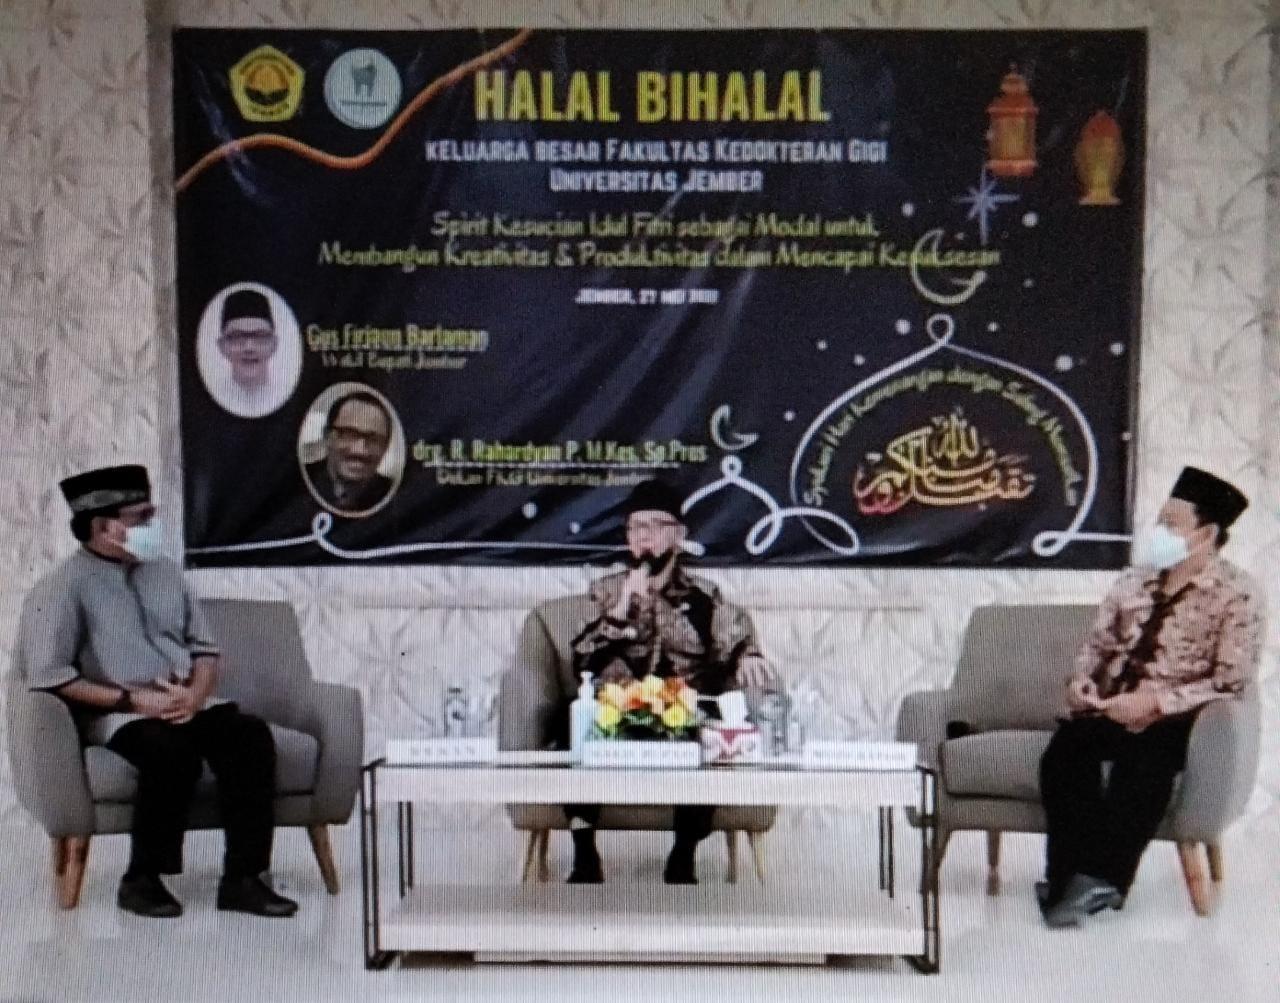 Wabup Jember Sampaikan Tausiah  pada Halal bi Halal FKG Unej